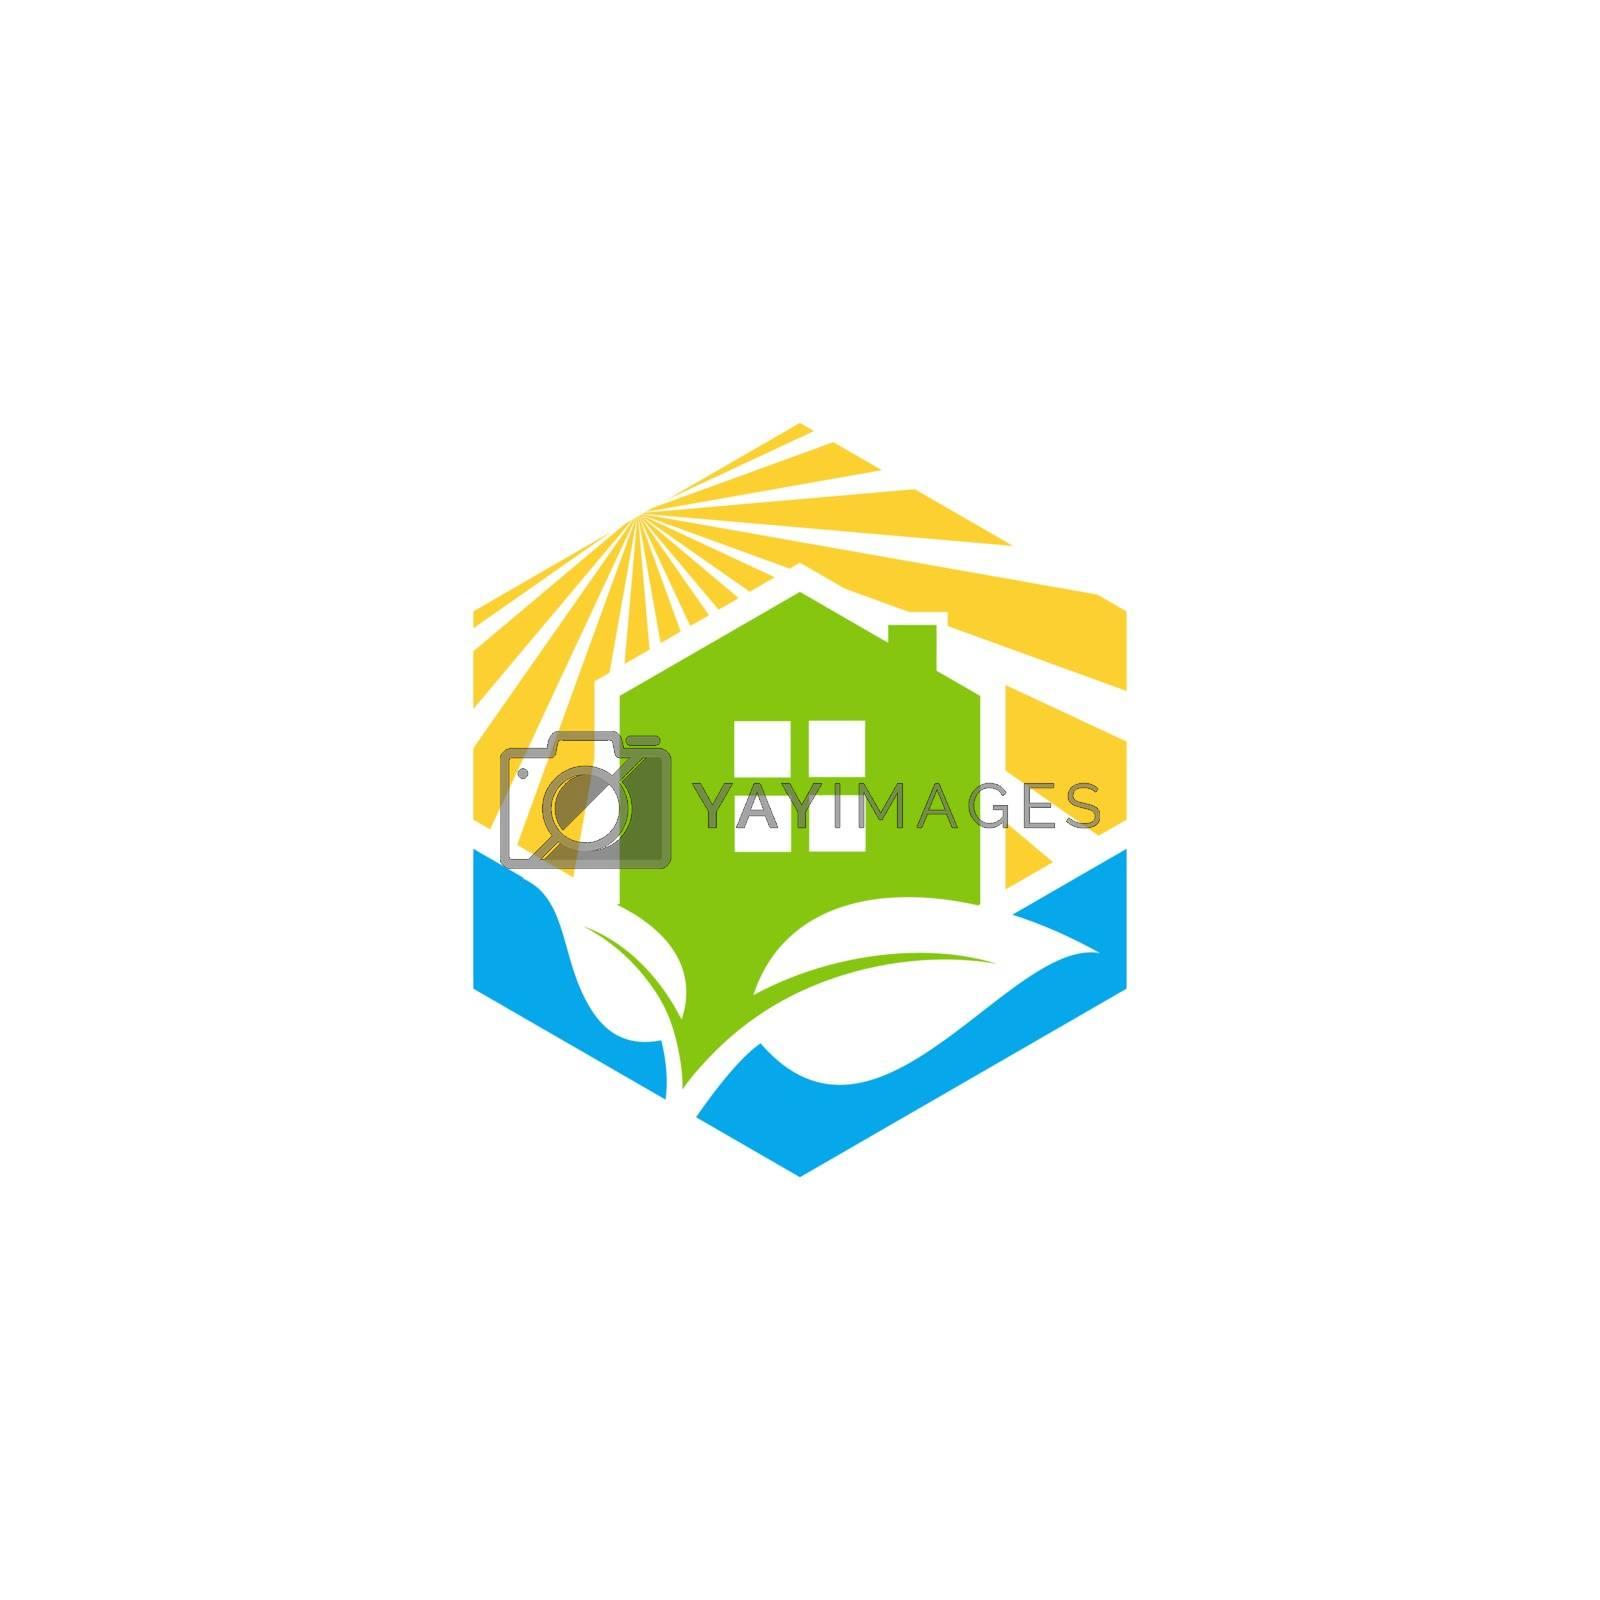 cube construction home house real estate logo symbol icon vector design